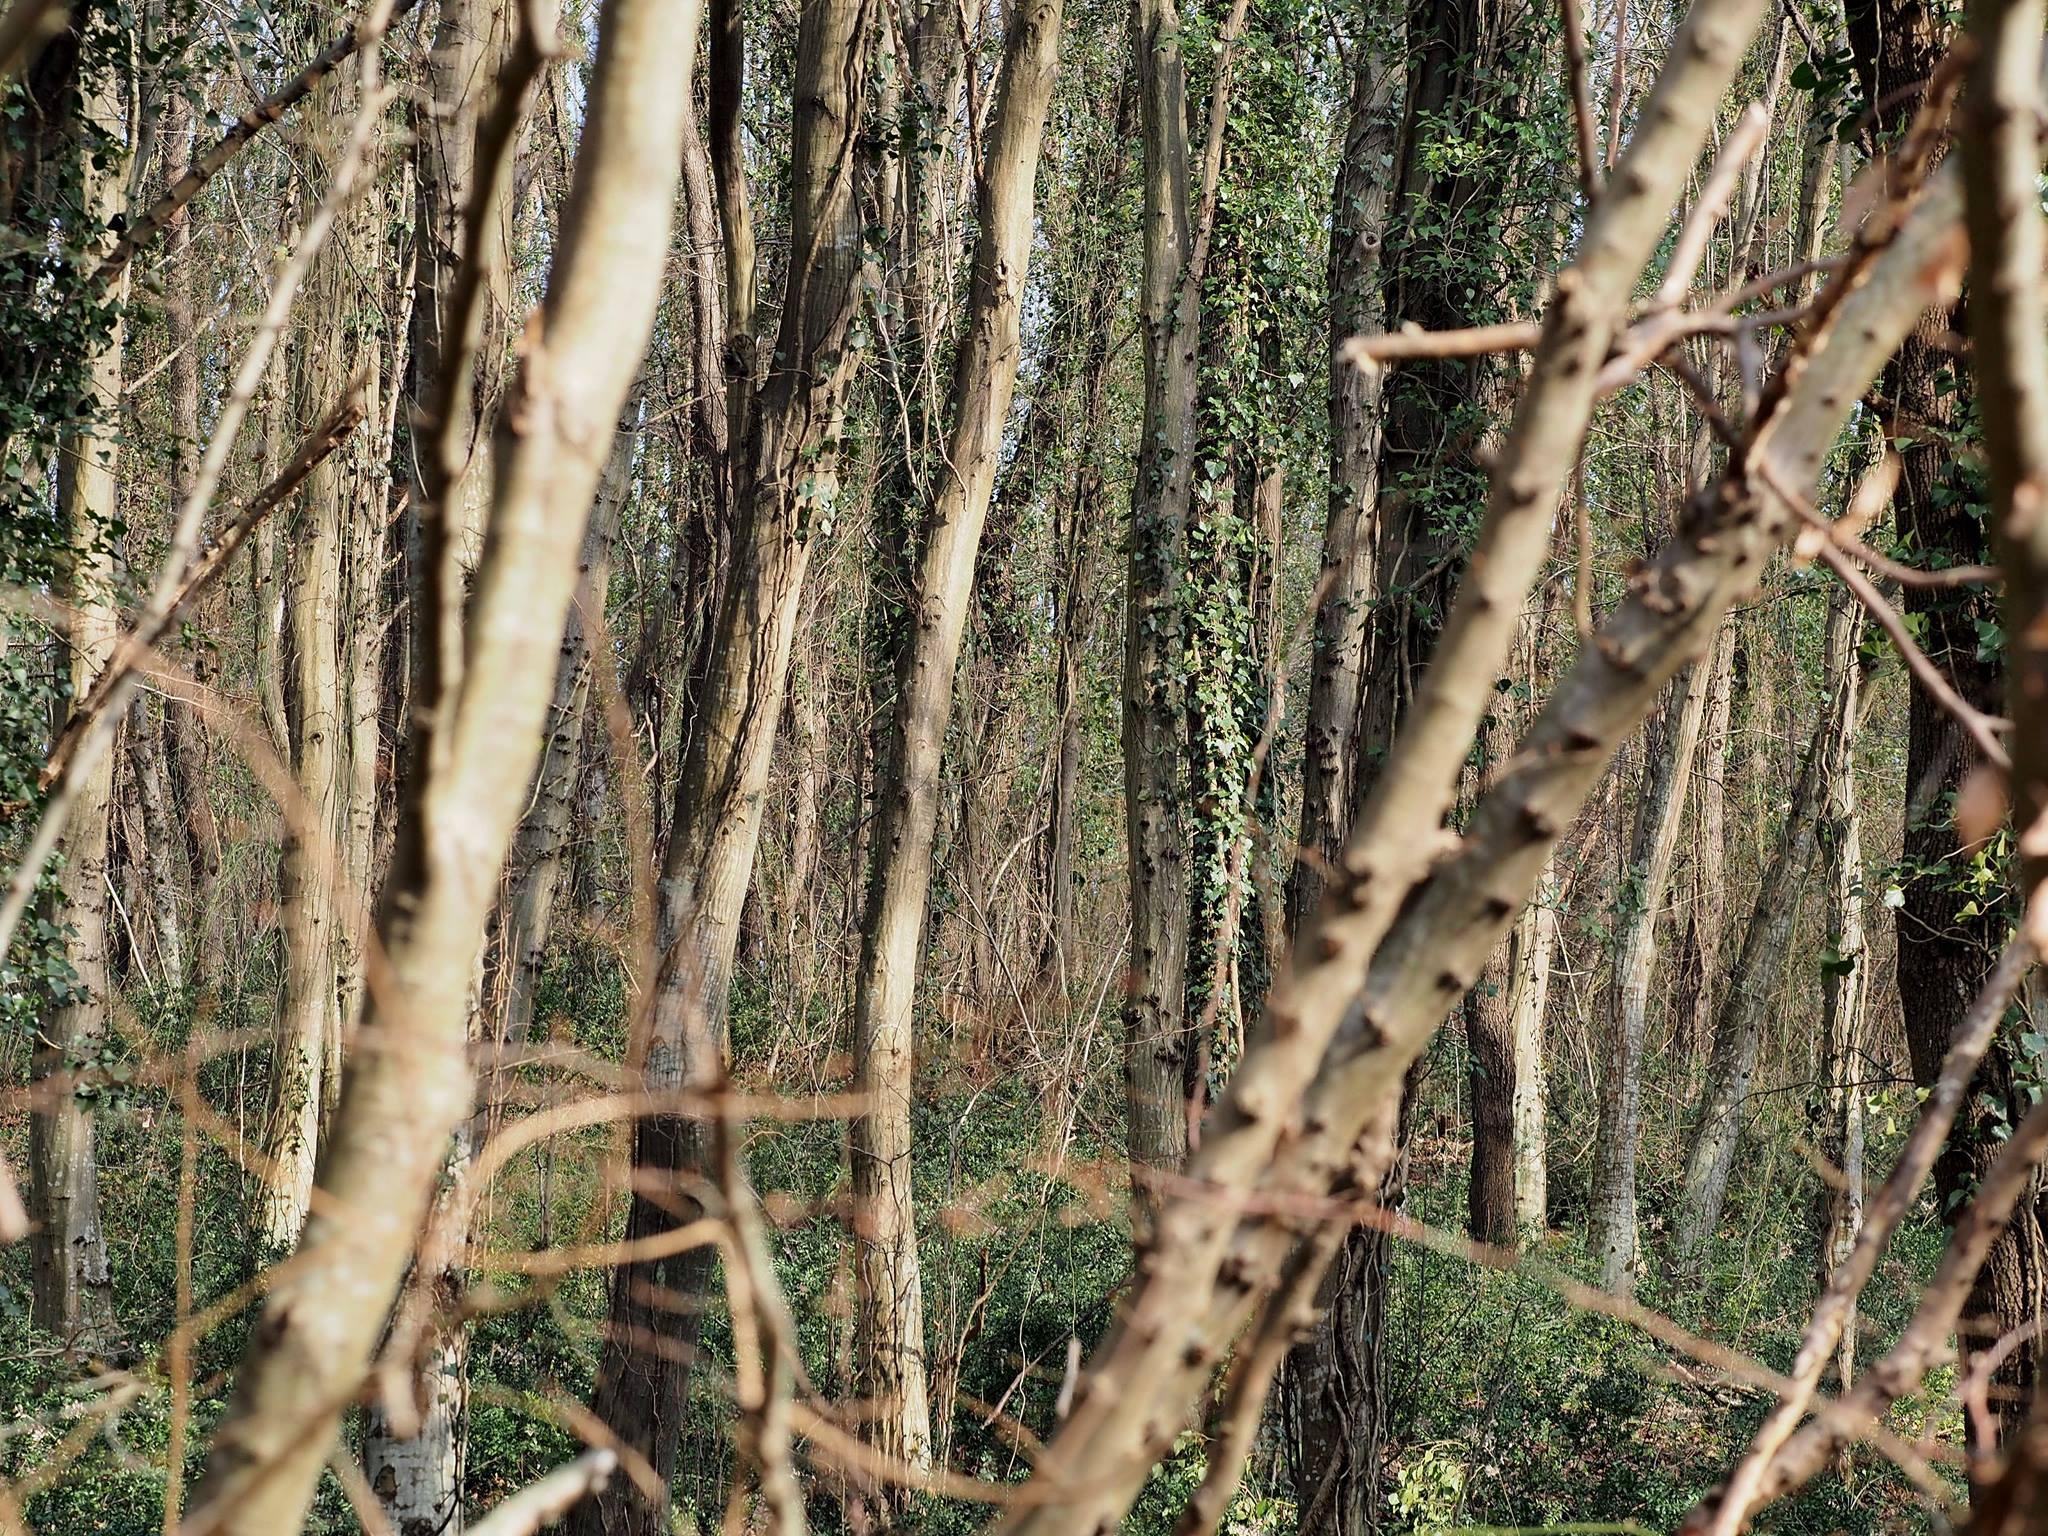 19 Mart, Cumartesi günü Fatih Ormanı'nı savunmaya